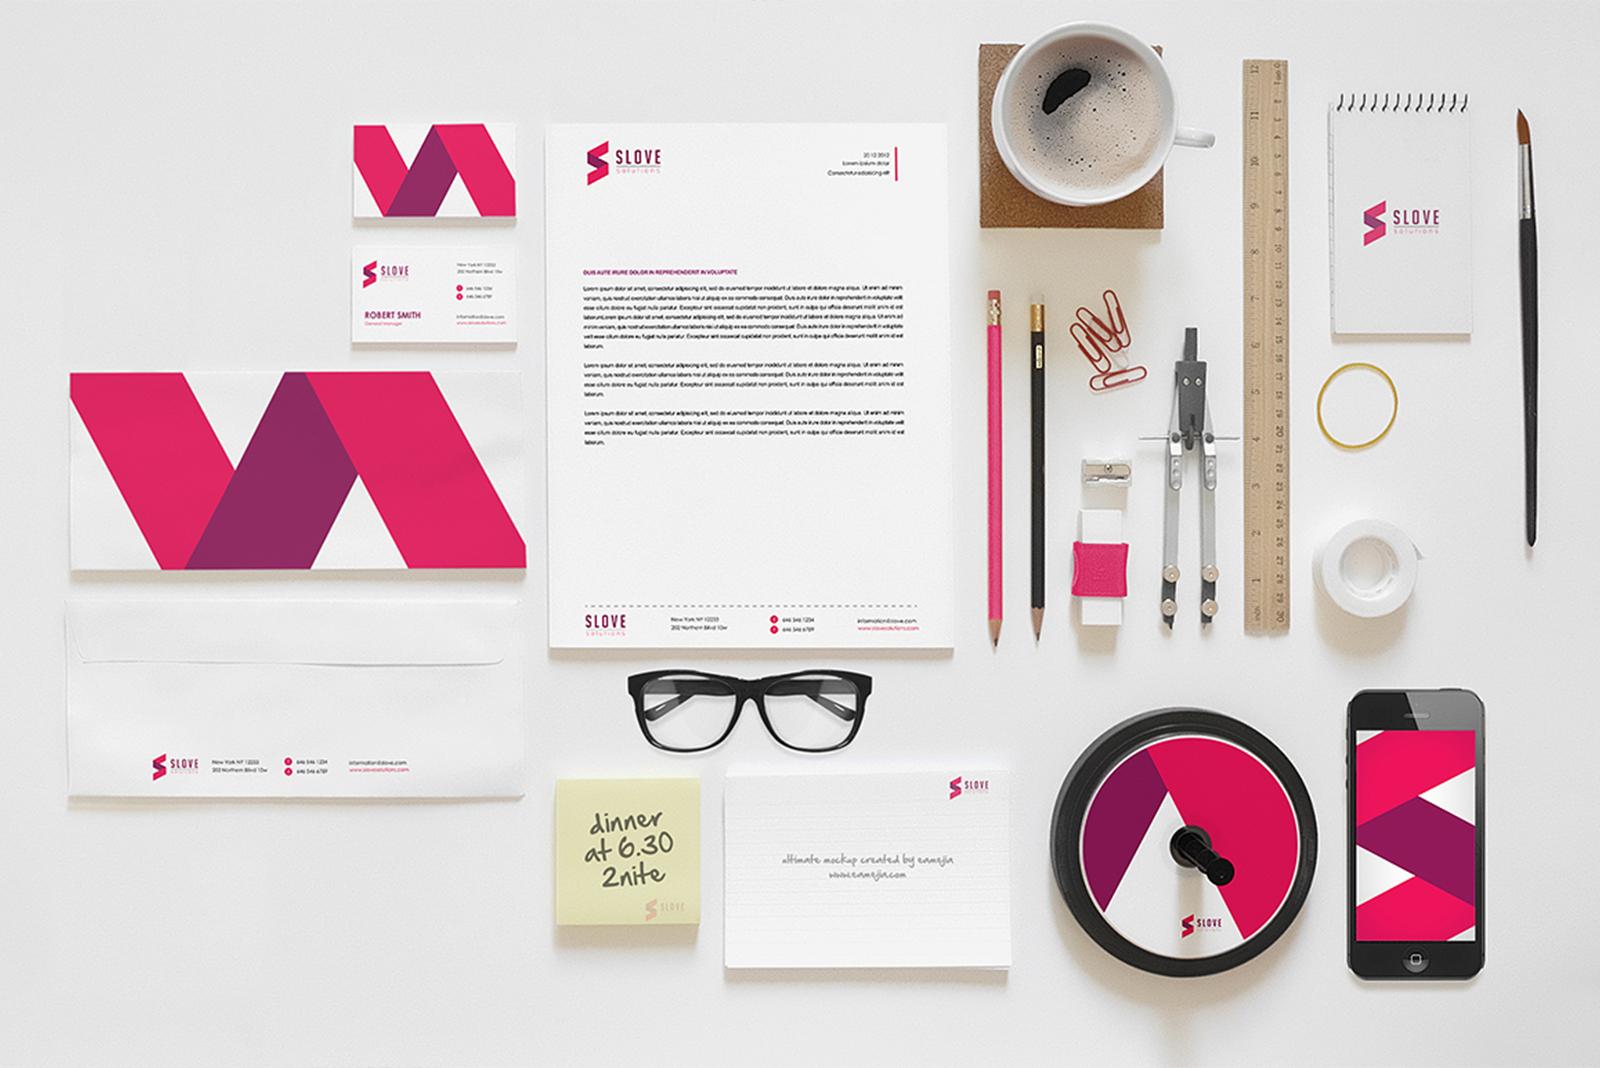 Branding Mock Up Designs